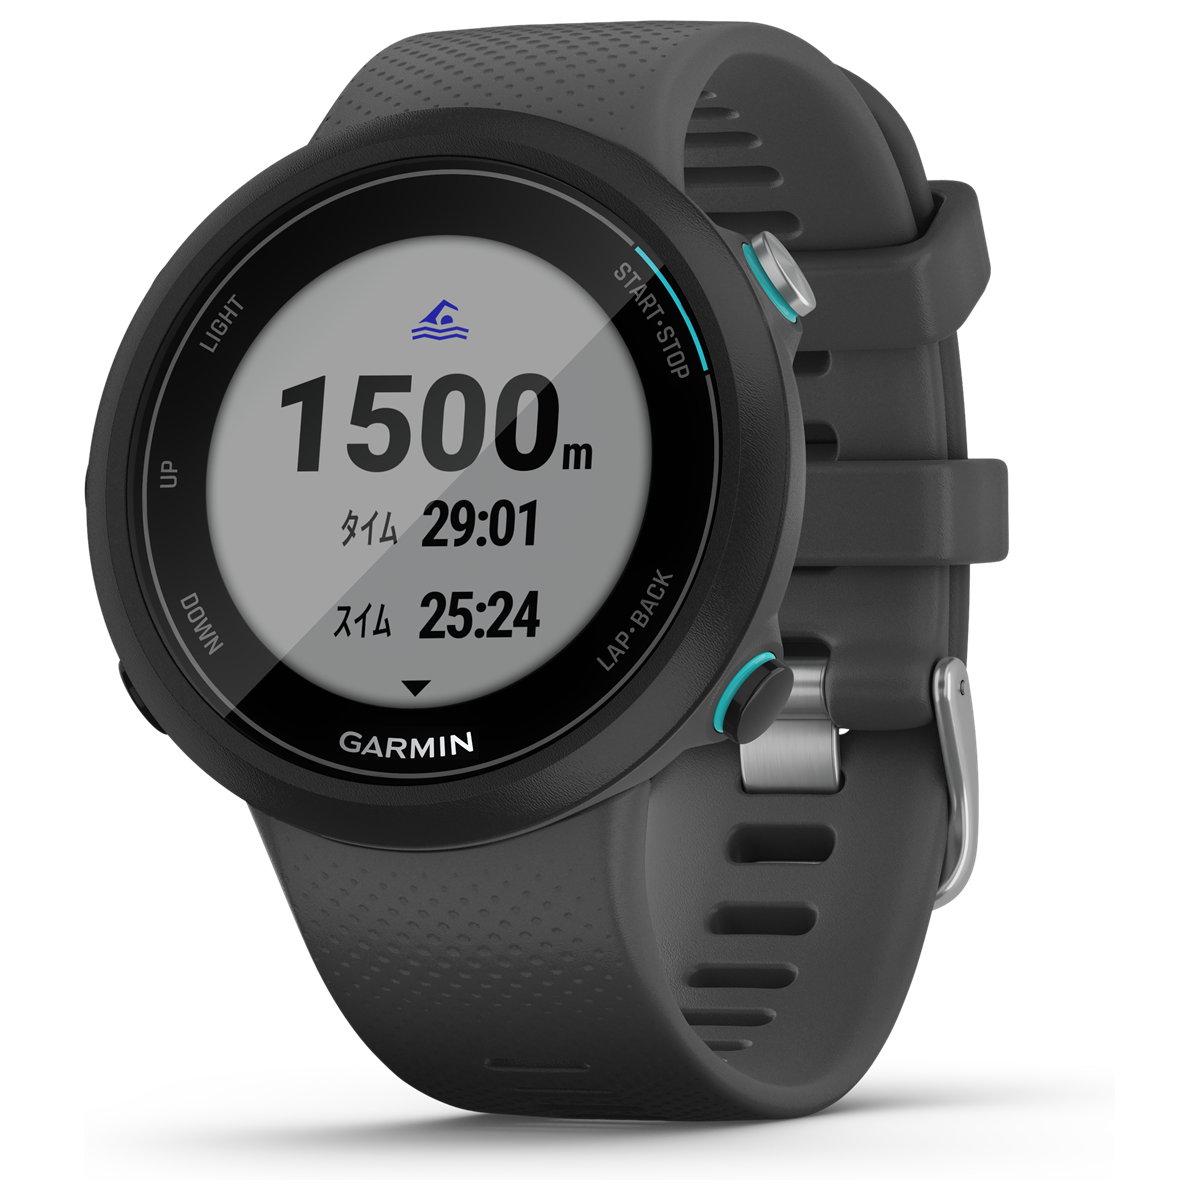 ガーミン GARMIN スイム2 スレート GPSスイミング用 スマートウォッチ 腕時計 010-02247-40